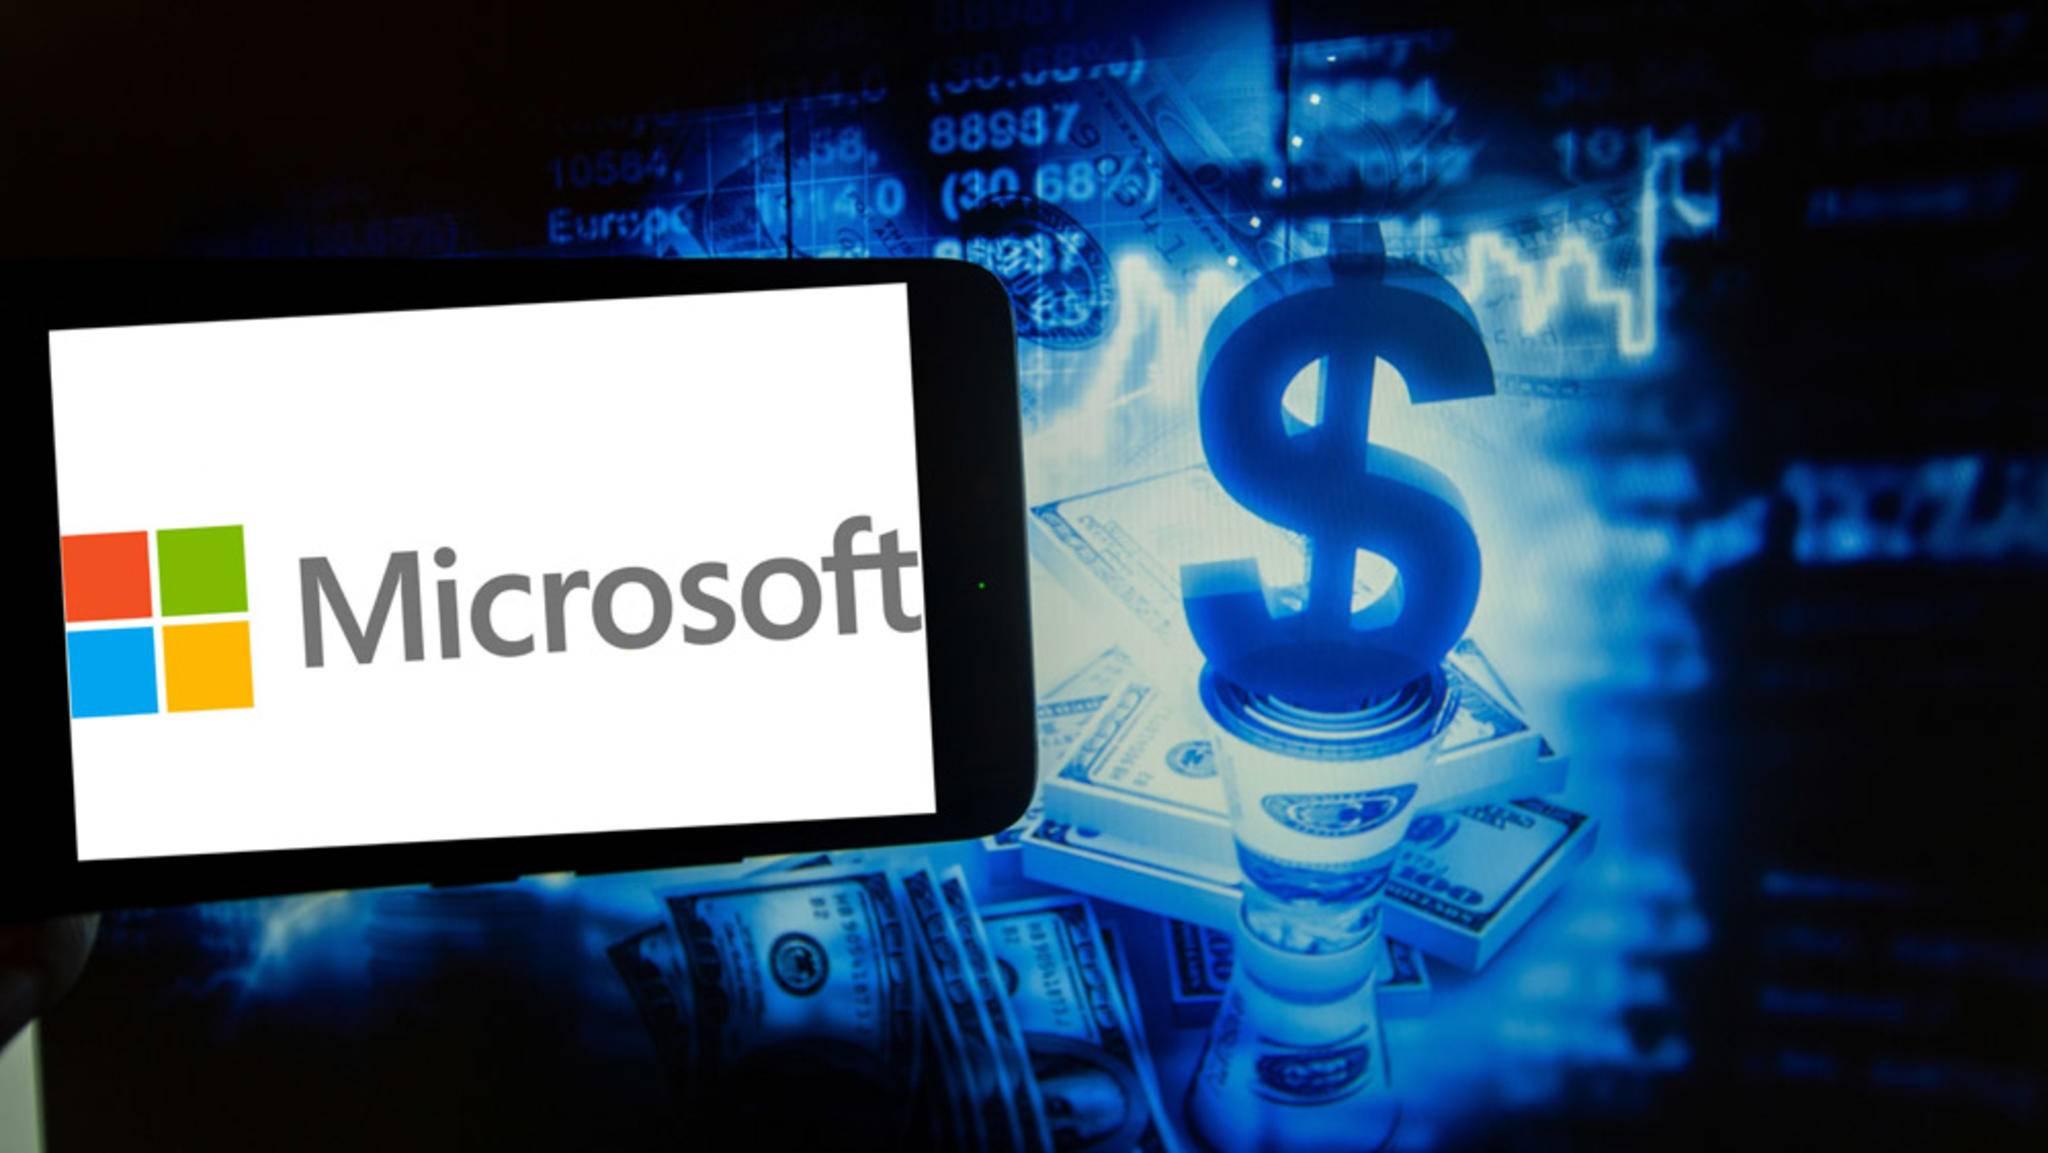 Microsoft hat Grund zur Freude: Außerordentlich starke Quartalszahlen katapultierten den Börsenwert nach oben.